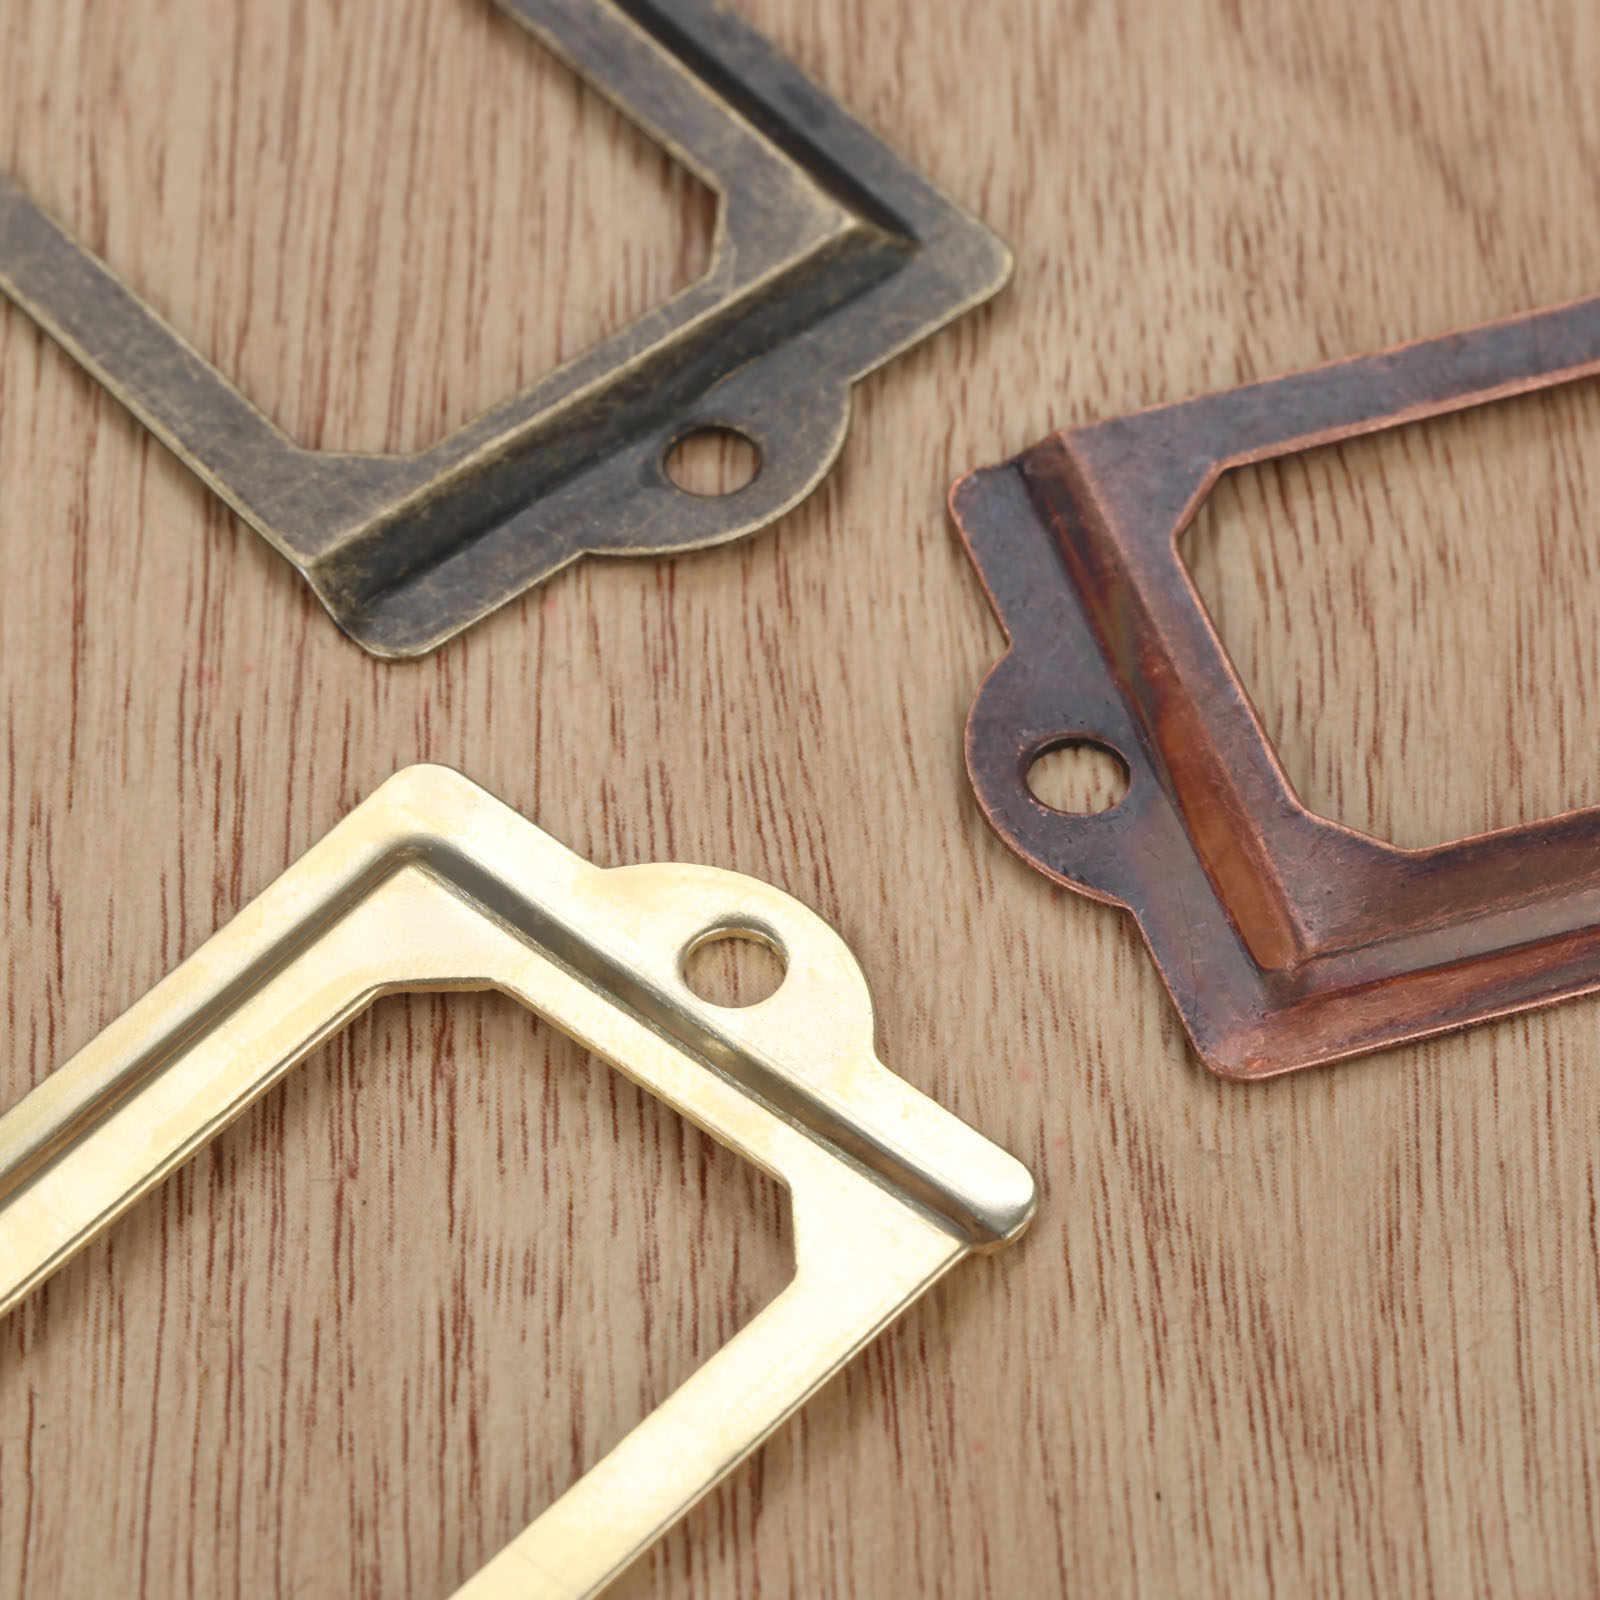 5pcs Antique Label Holder Metal Name Card Frame Furniture Cabinet Drawer Box